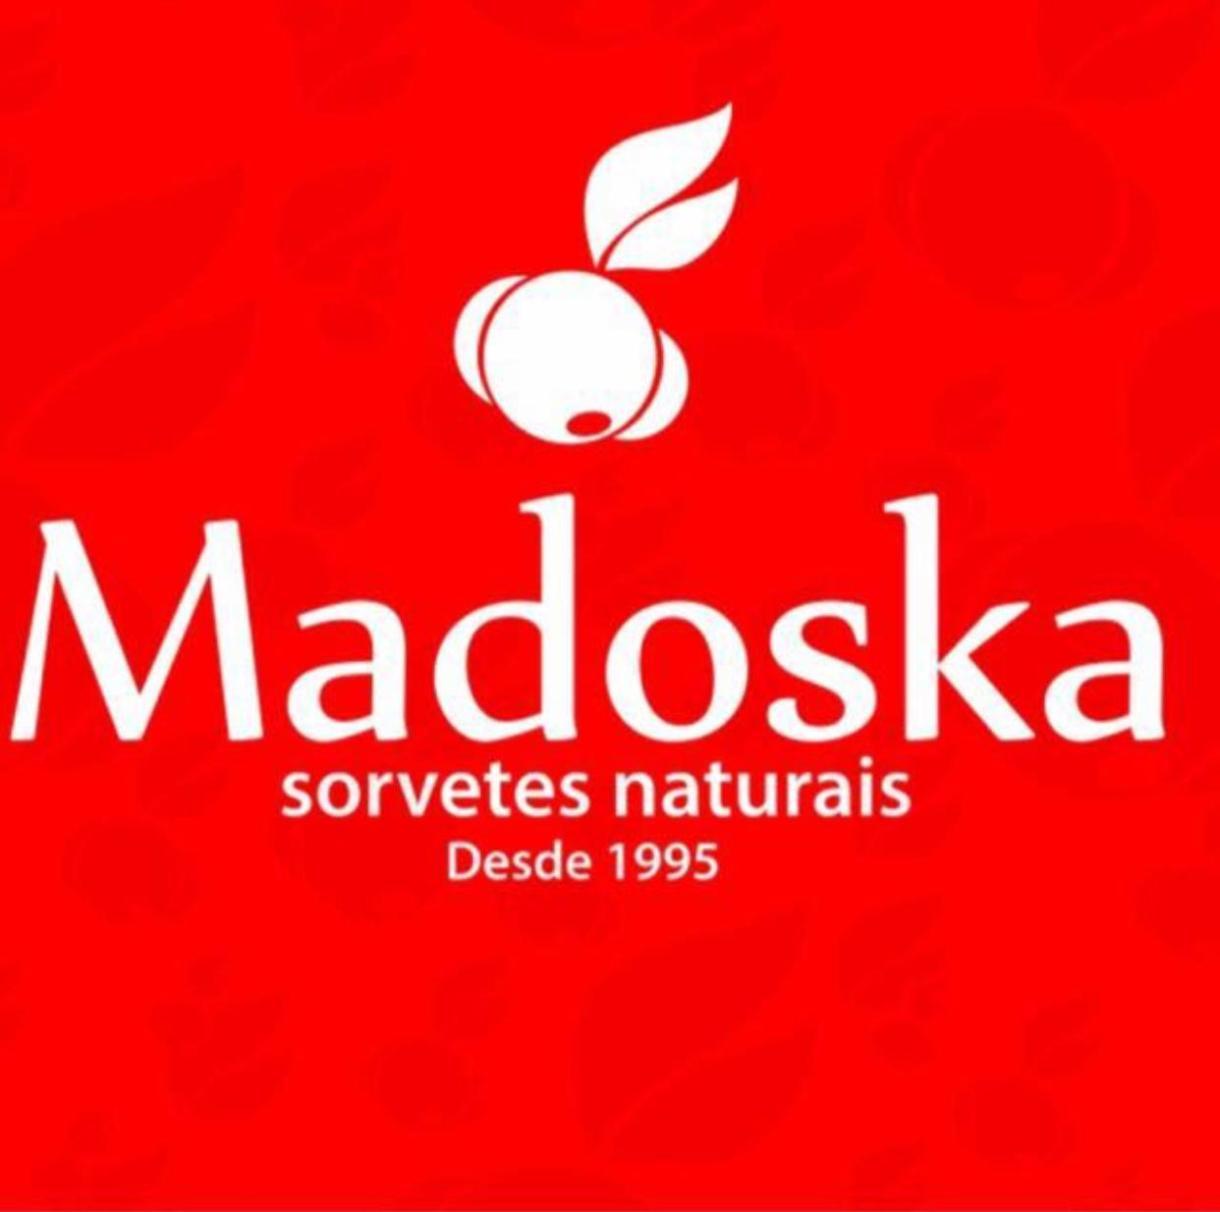 IMG-20191125-WA0360 Agora na Madoska temos sanduíches naturais!